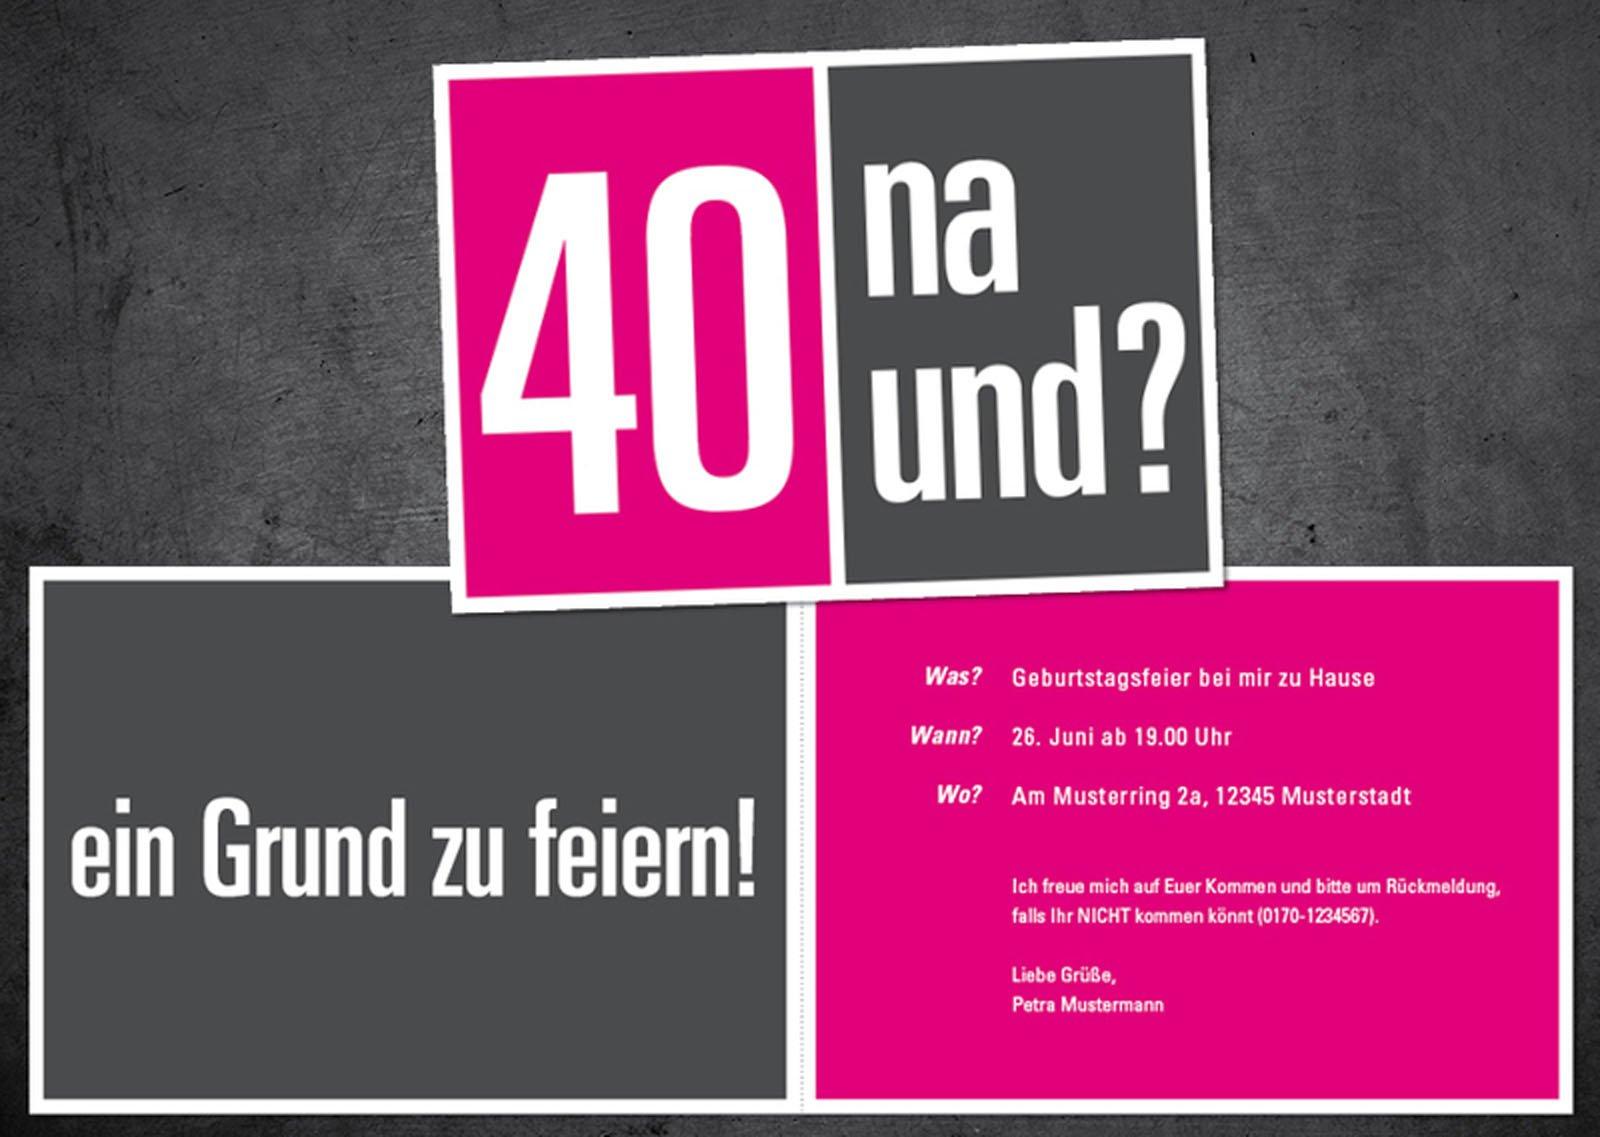 40 Geburtstag Einladung 40 Geburtstag Einladungstext Geburstag